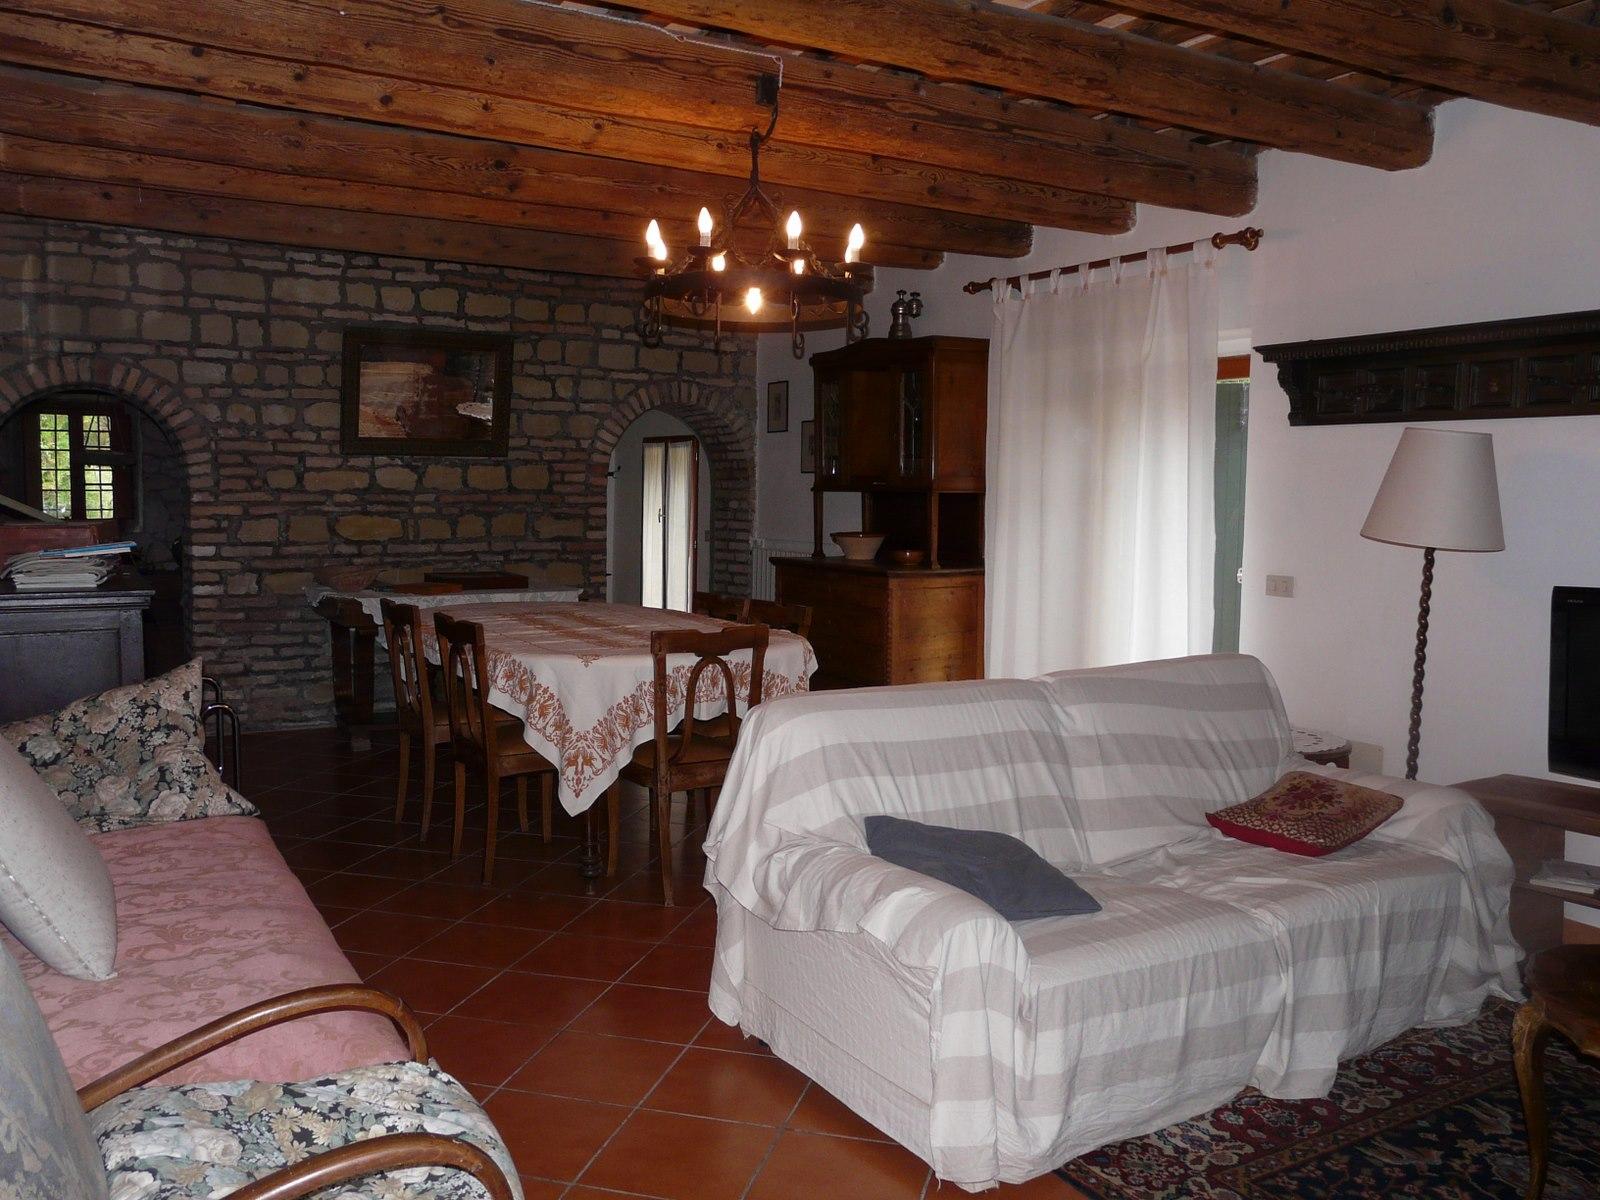 Ferienhaus Pescatore (870454), Fano (IT), Adriaküste (Marken), Marken, Italien, Bild 30